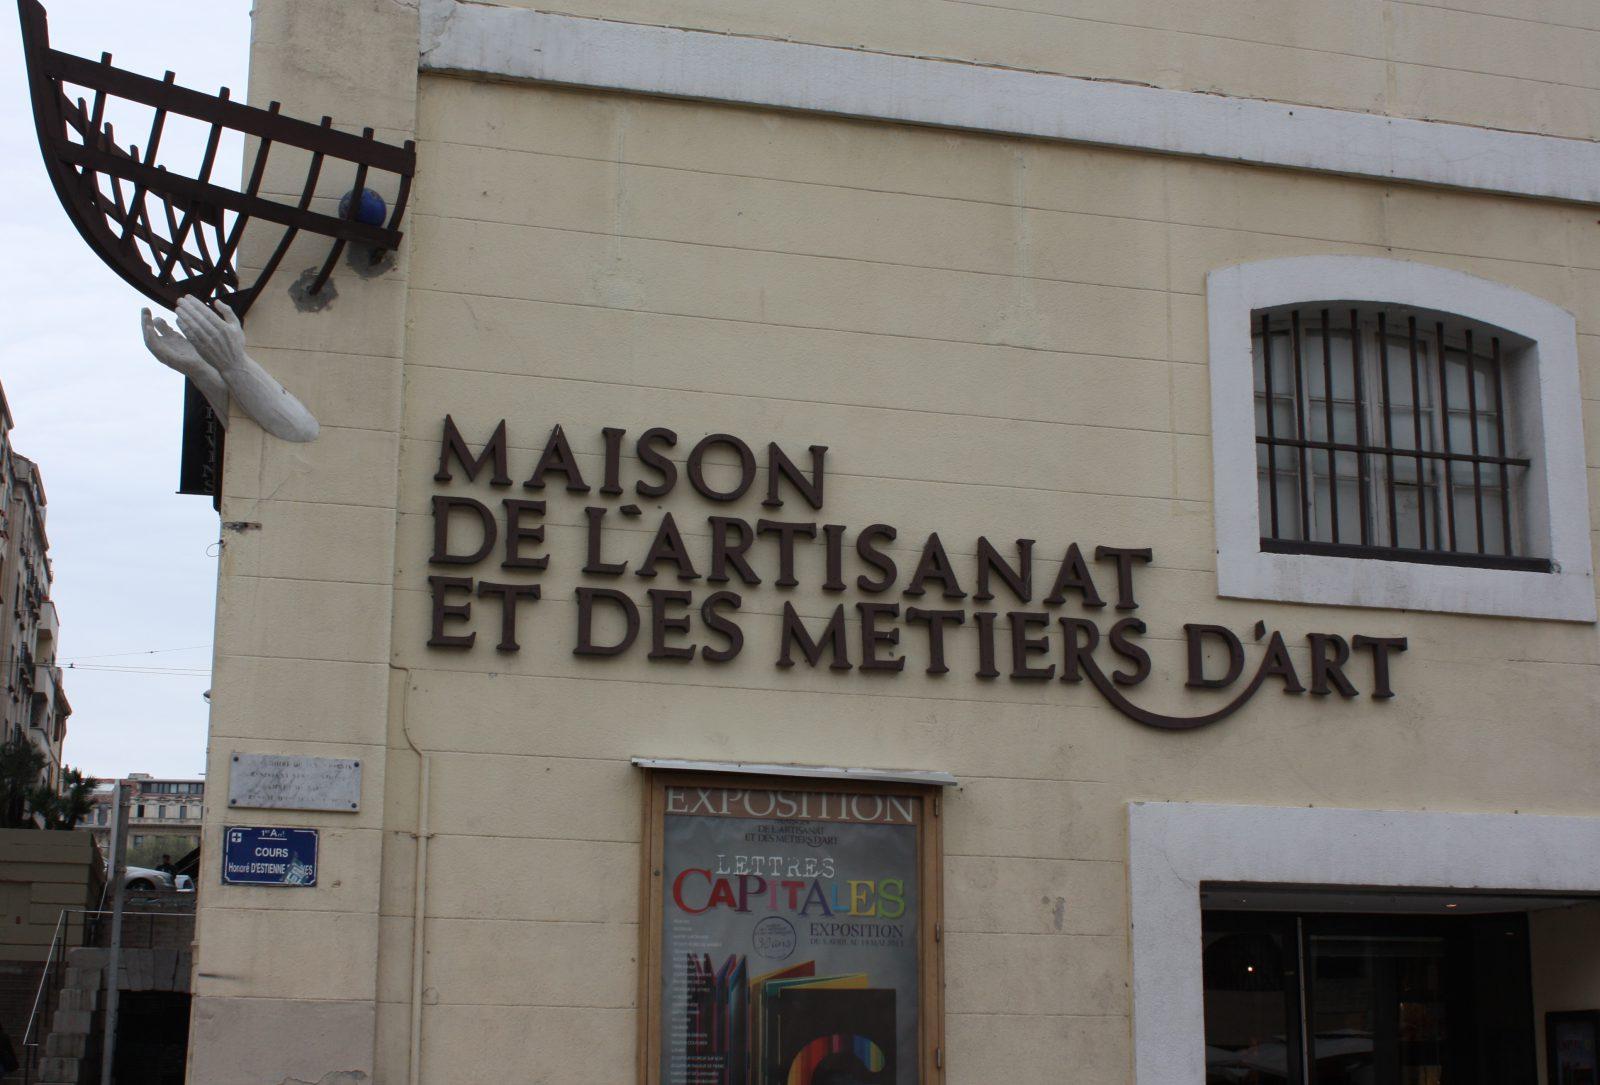 Marseille Maison de l'Artisanat